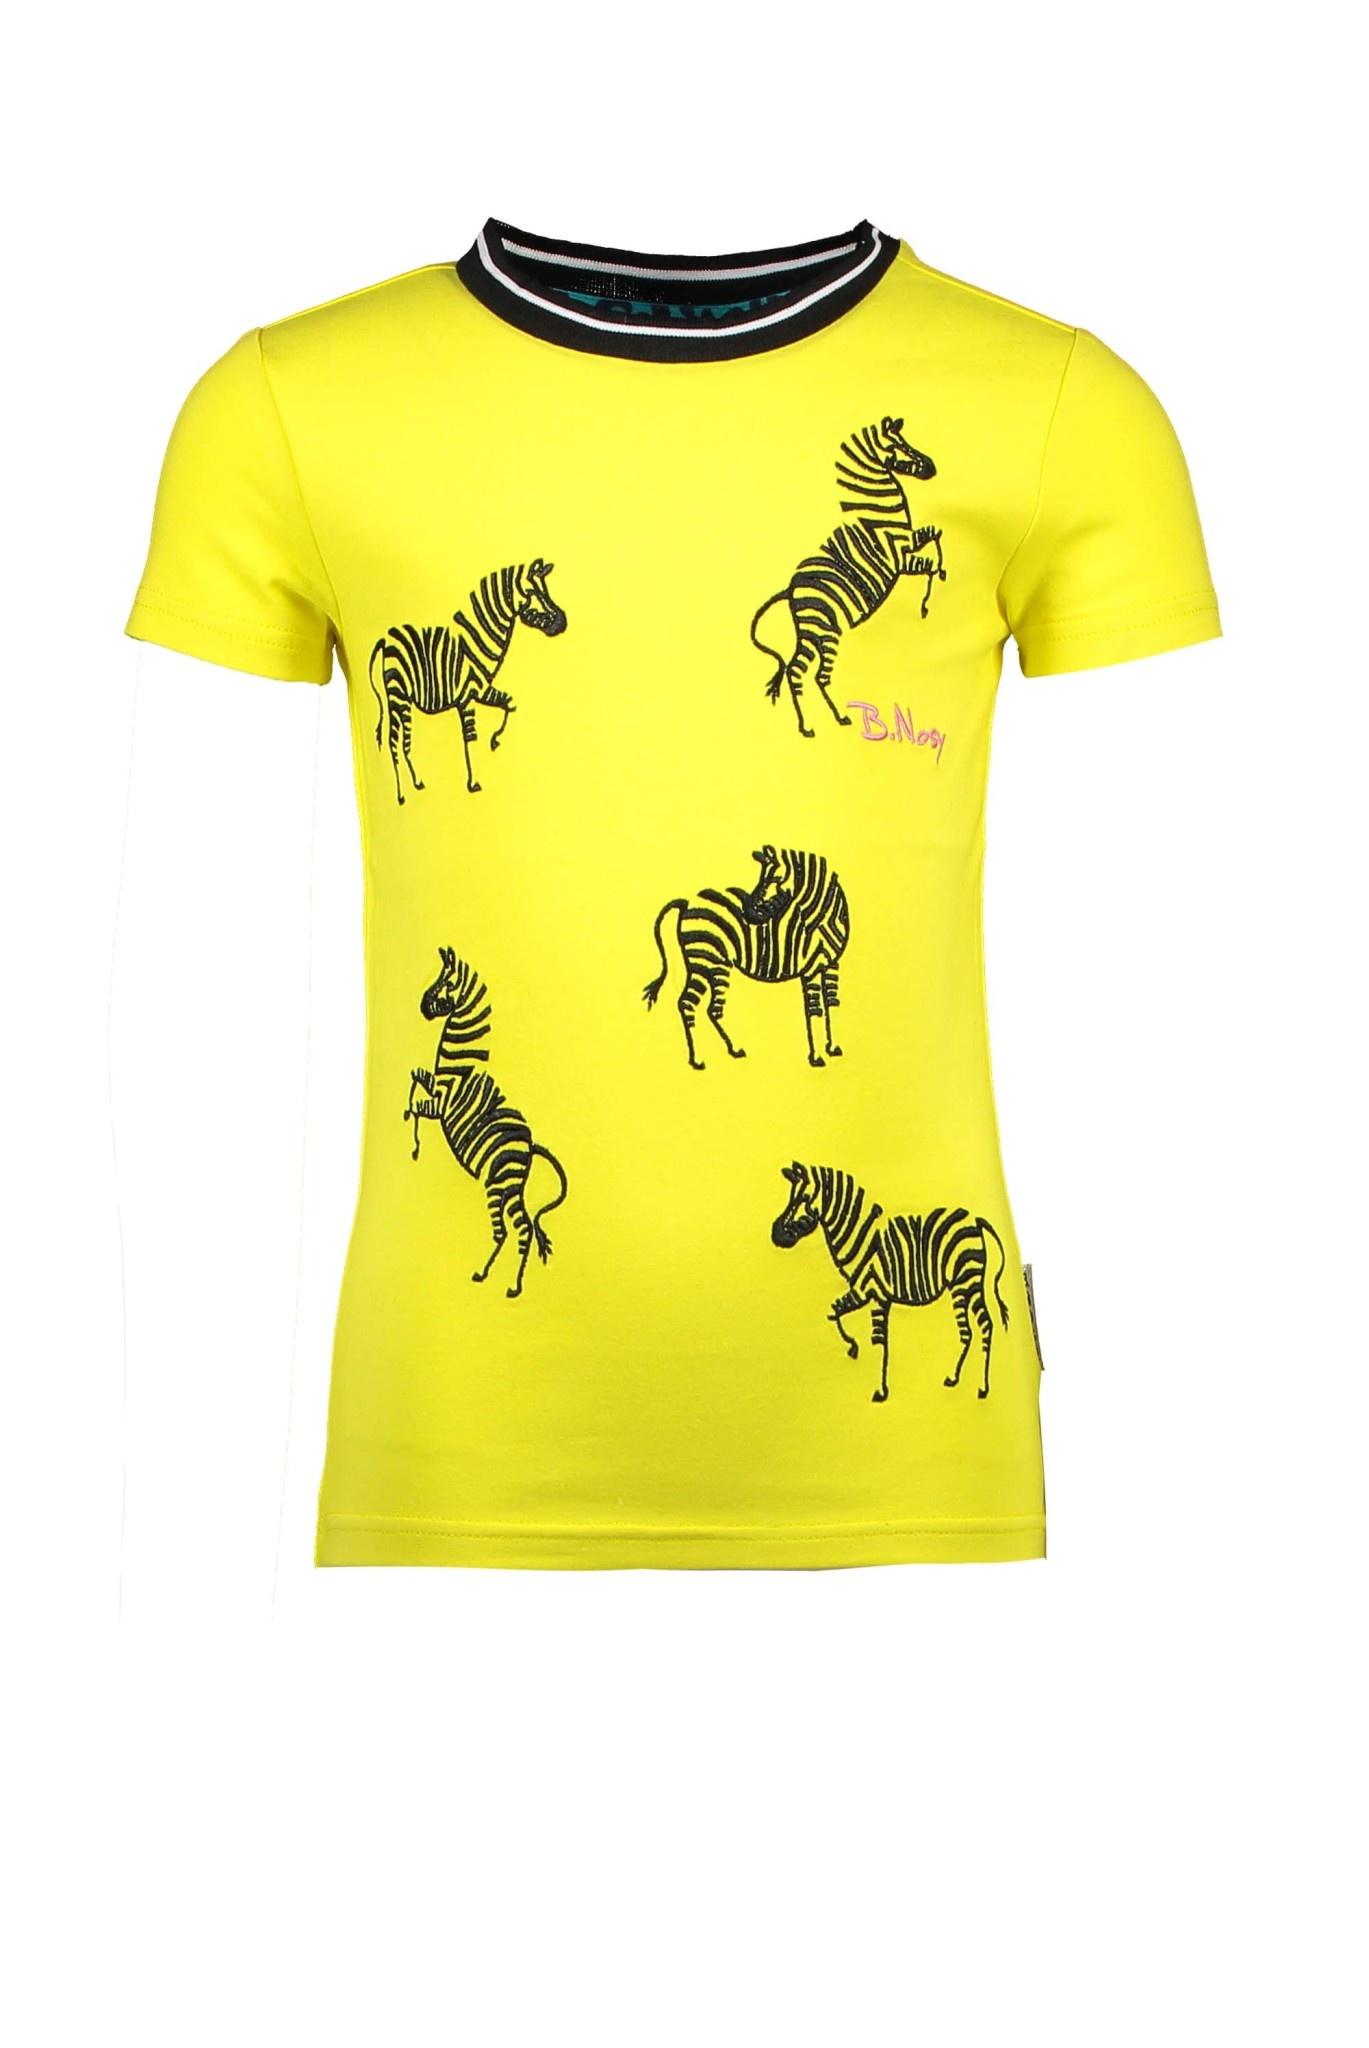 B.Nosy Meisjes Shirt Zebra Y002-5416-1